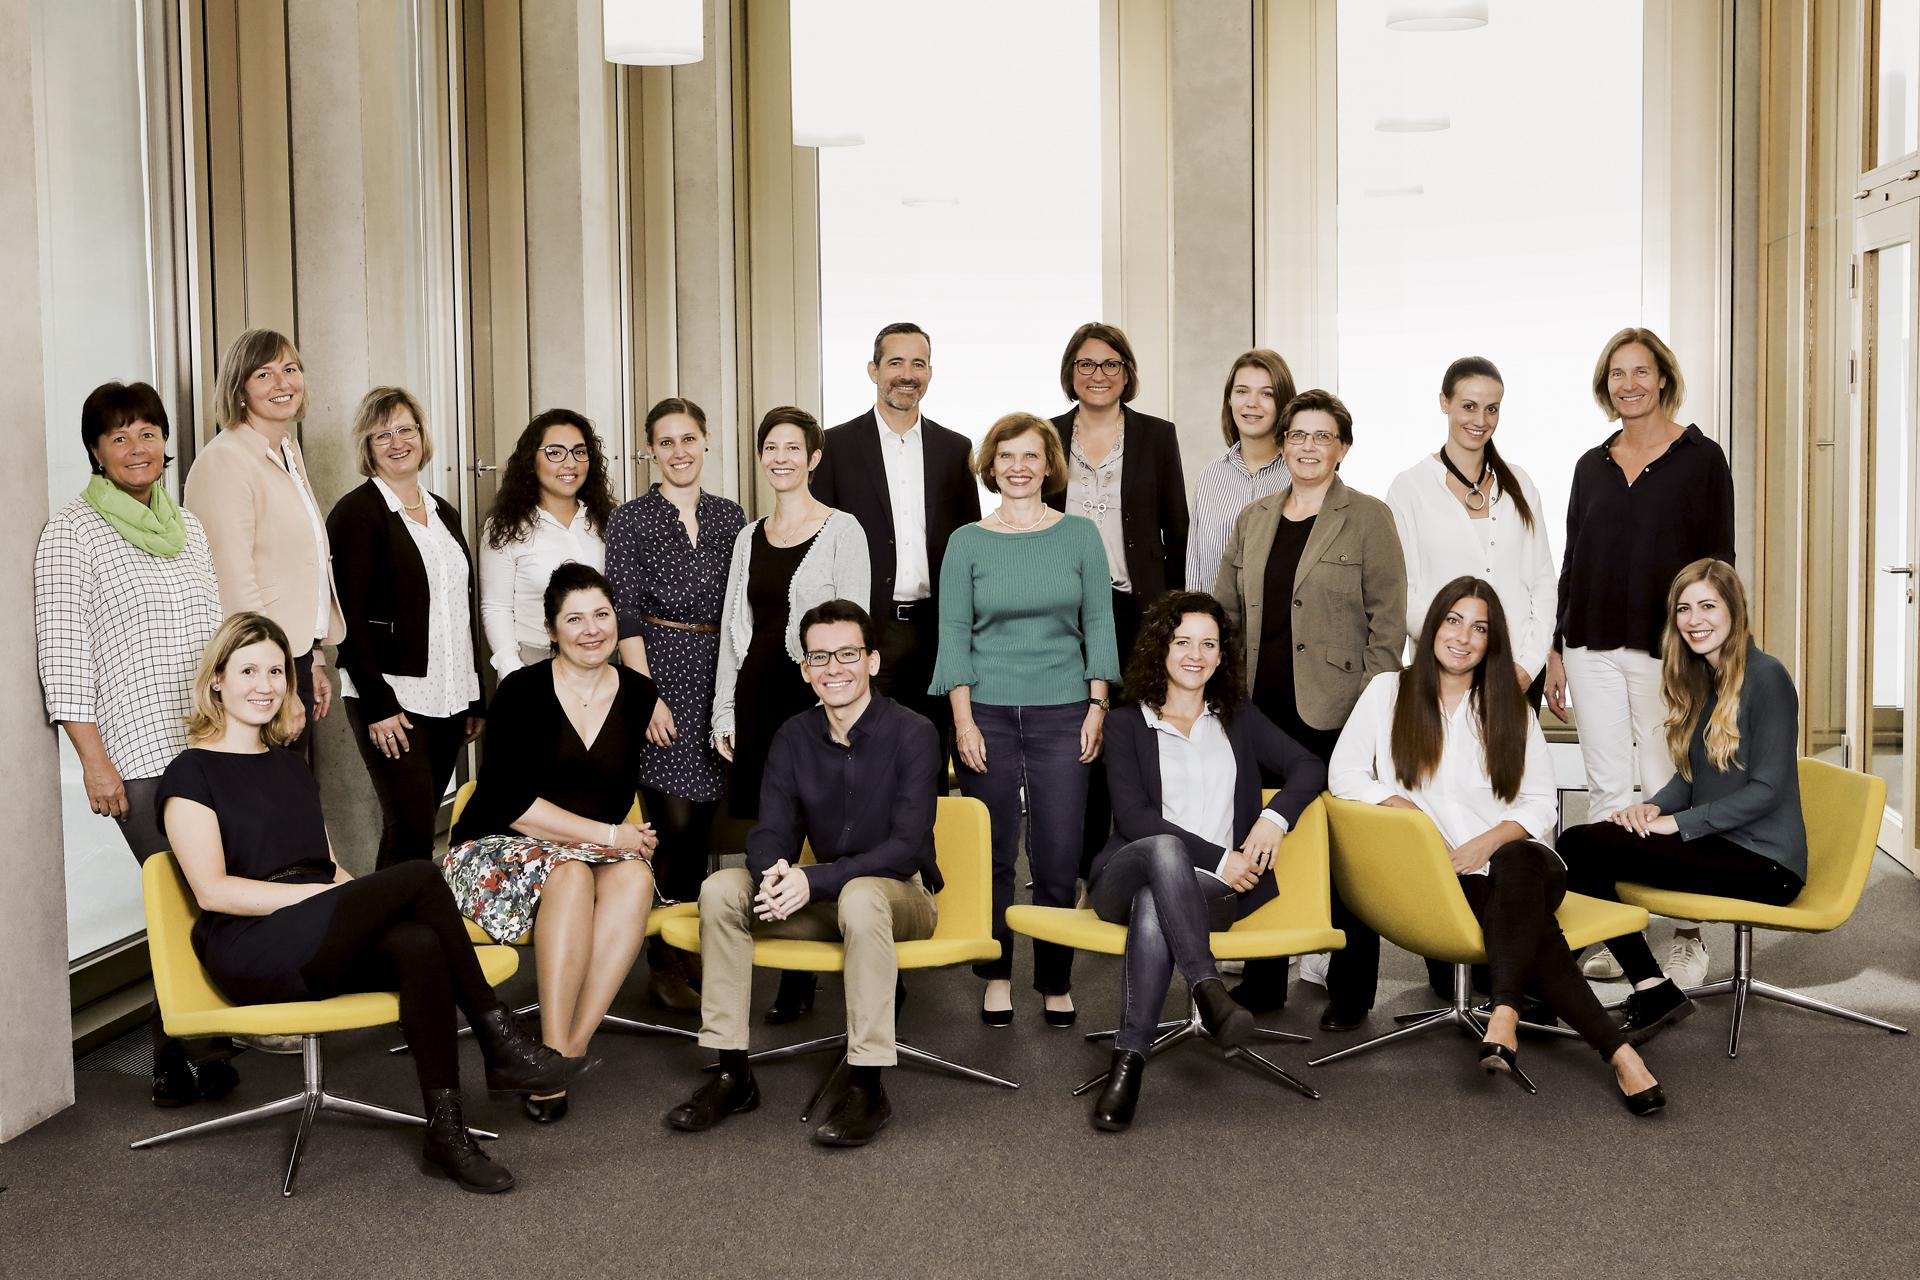 Die Mitarbeitenden des Weiterbildungszentrums FHS St.Gallen im Gruppenbild.